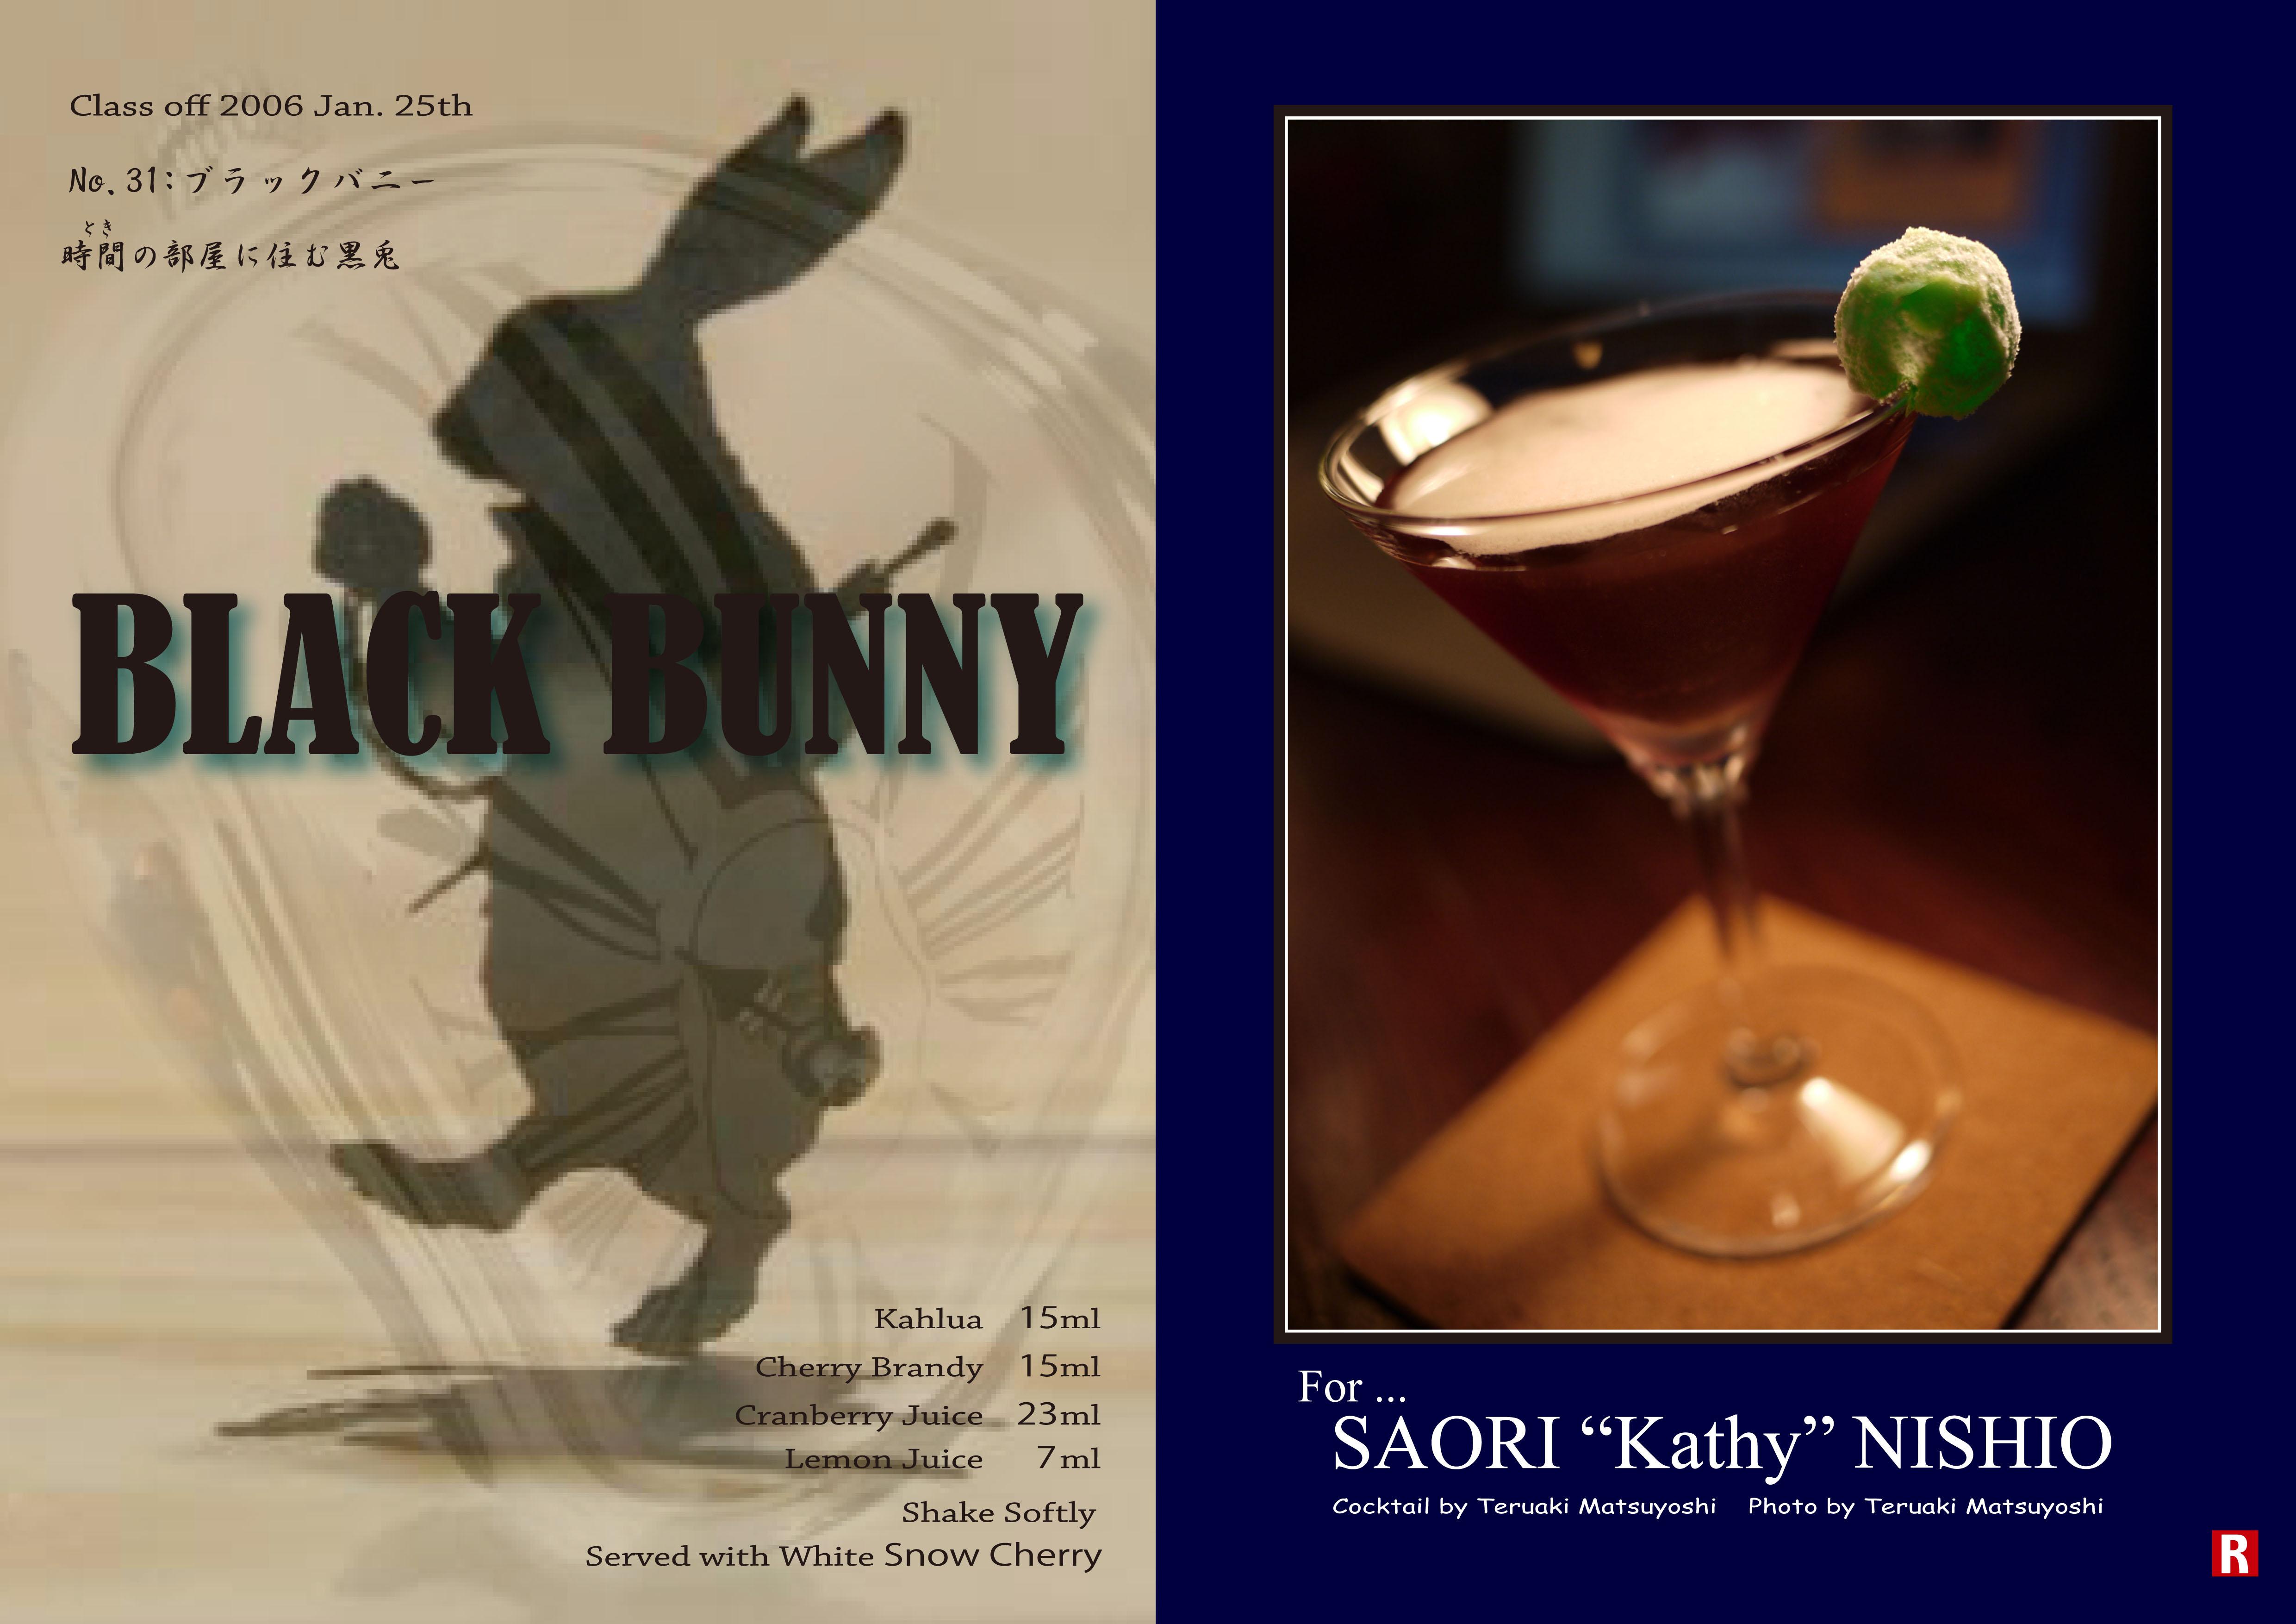 200601Saori-Nishio_Black-Bunny